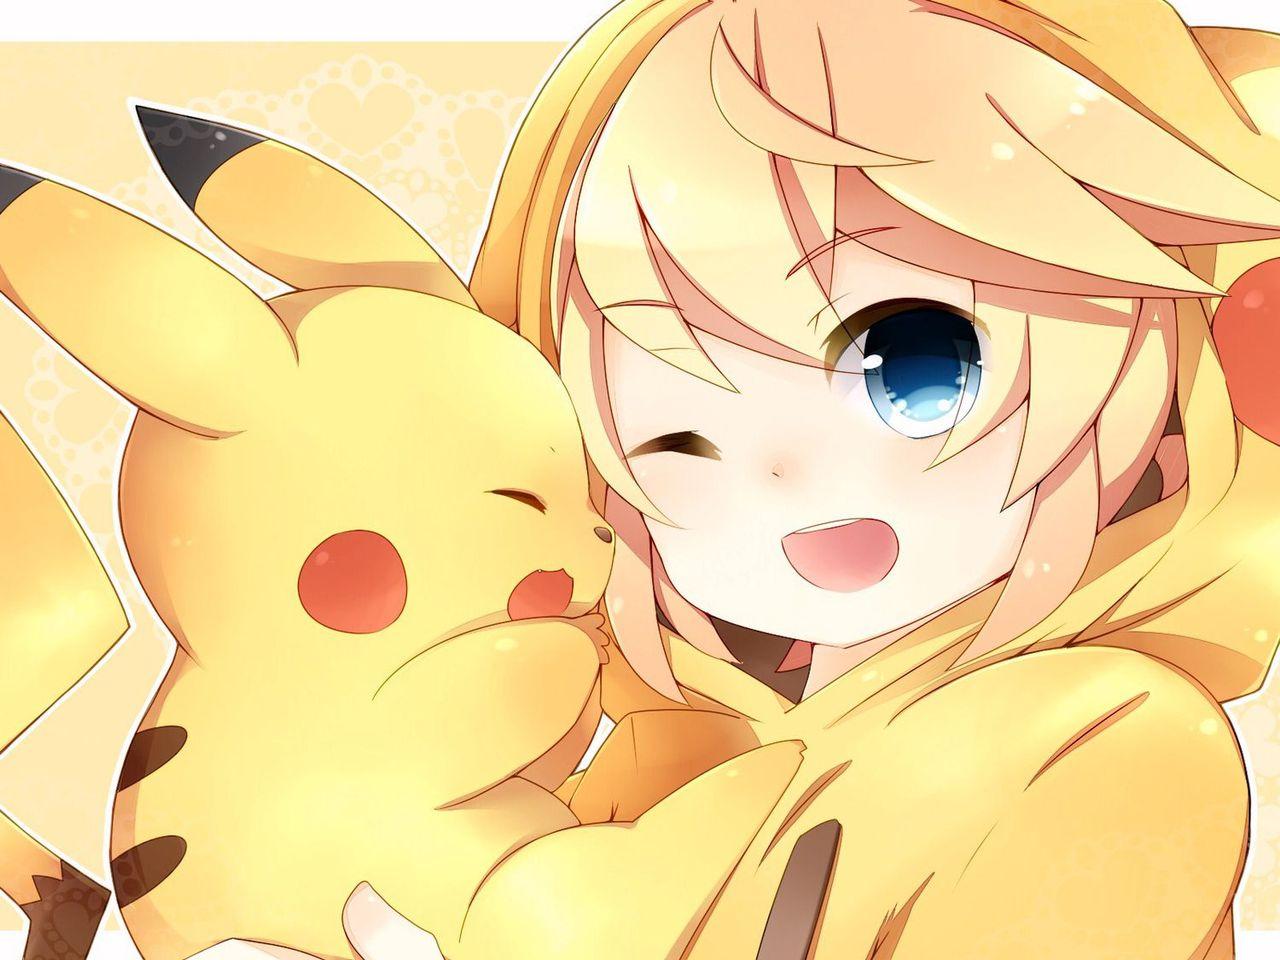 Si un chico anime fuera tu chicos anime version for Fuera de wattpad